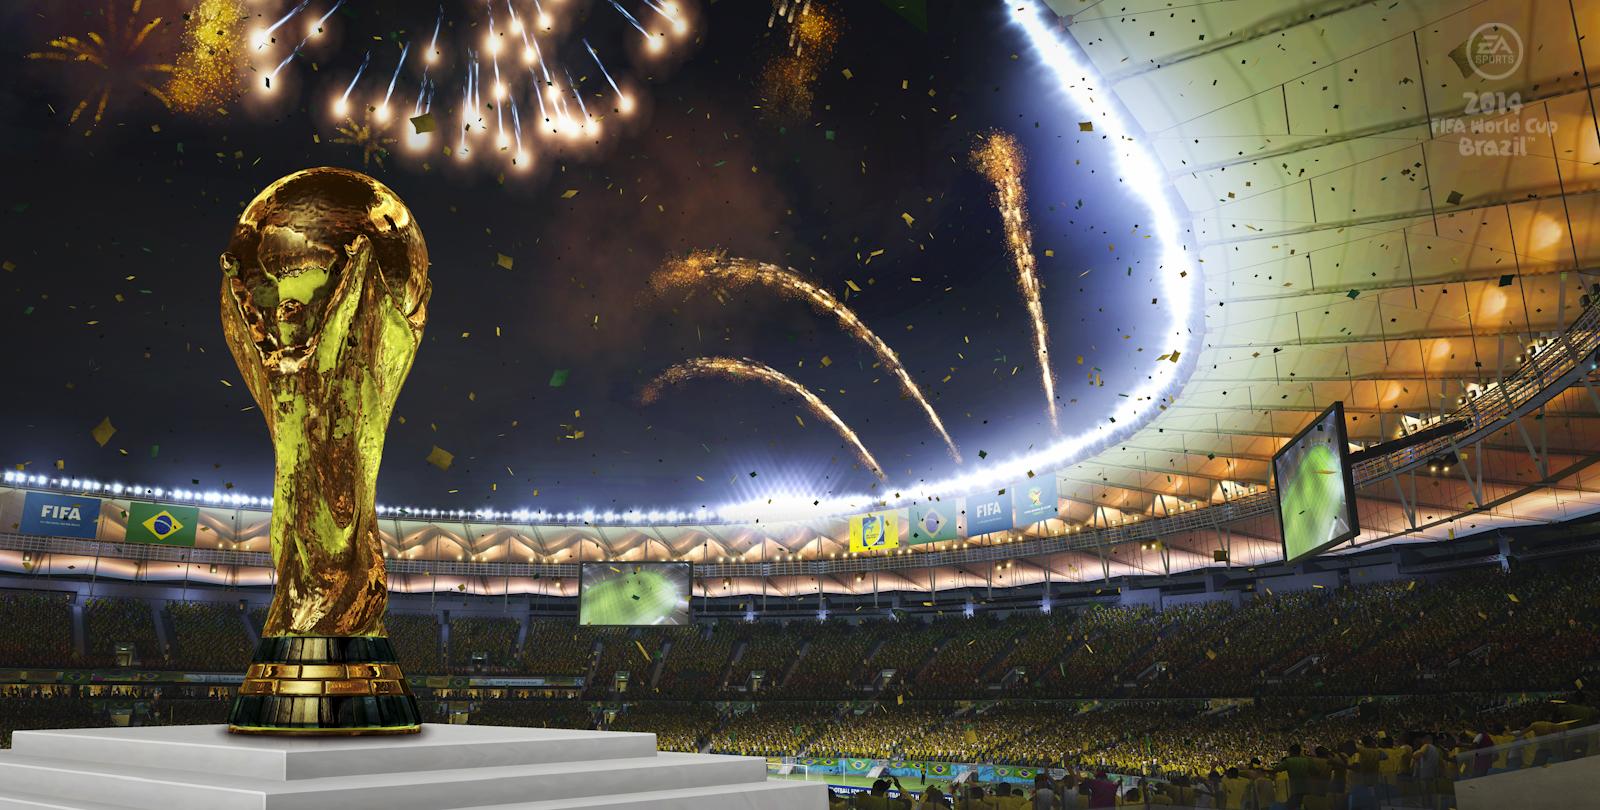 fifaworldcup2014_x360_ps3_trophyscreenshot_wm